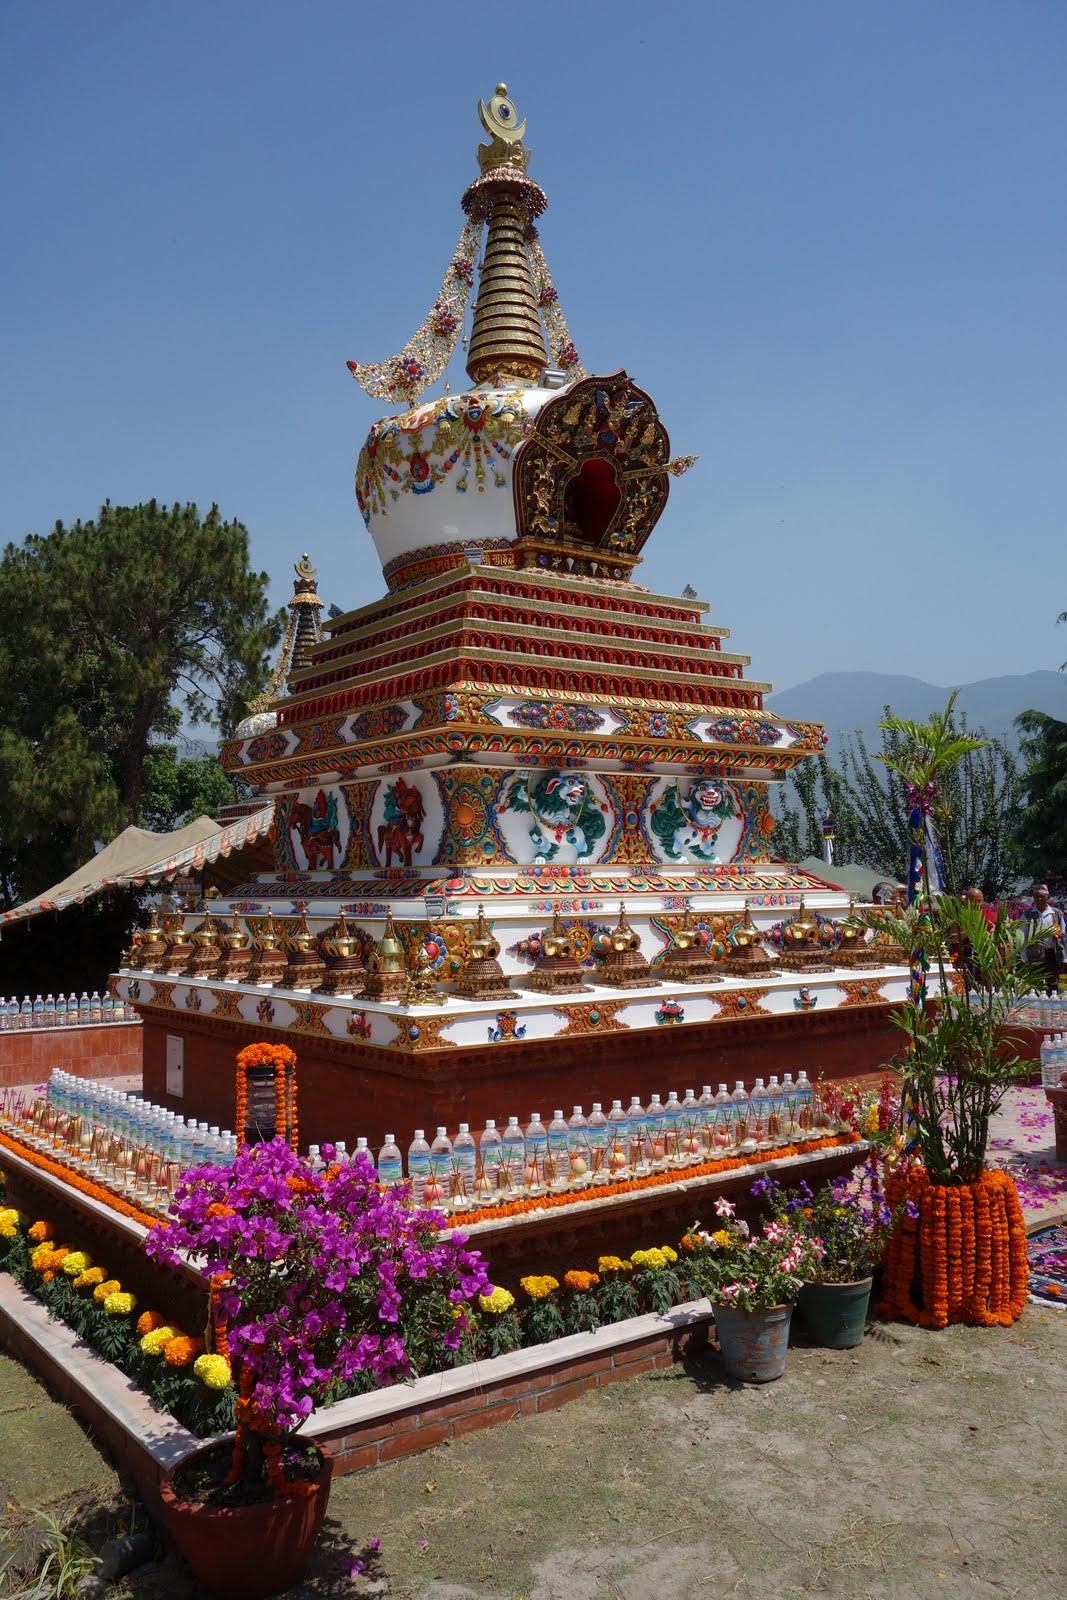 Khensur Lama Lhundrup stupa's consecration at Kopan Monastery, May 3, 2013. Photo by Ven. Roger Kunsang.